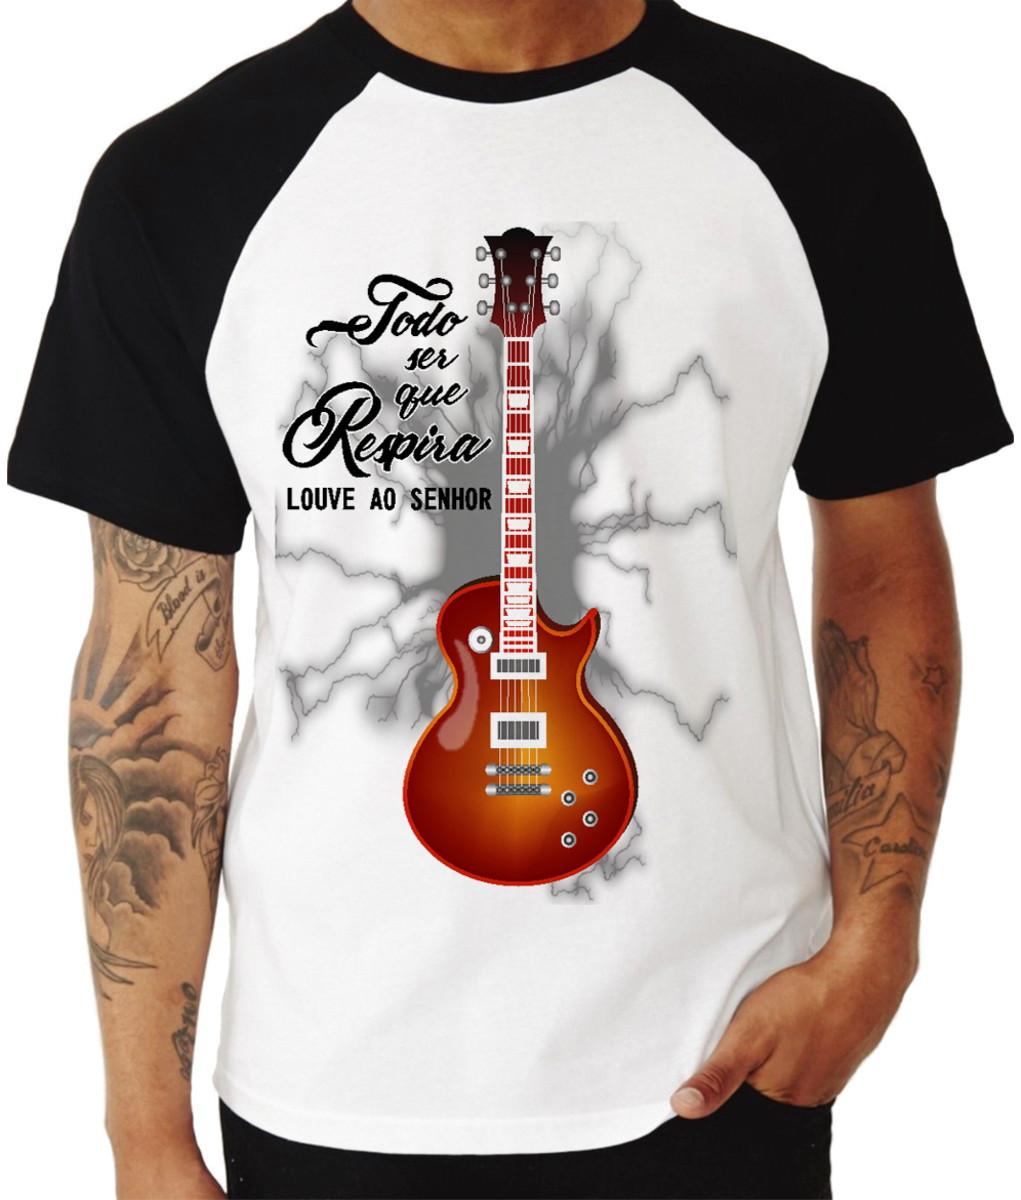 02ae6e4d1 Camiseta Gospel Guitarra Evangélica Rock no Elo7